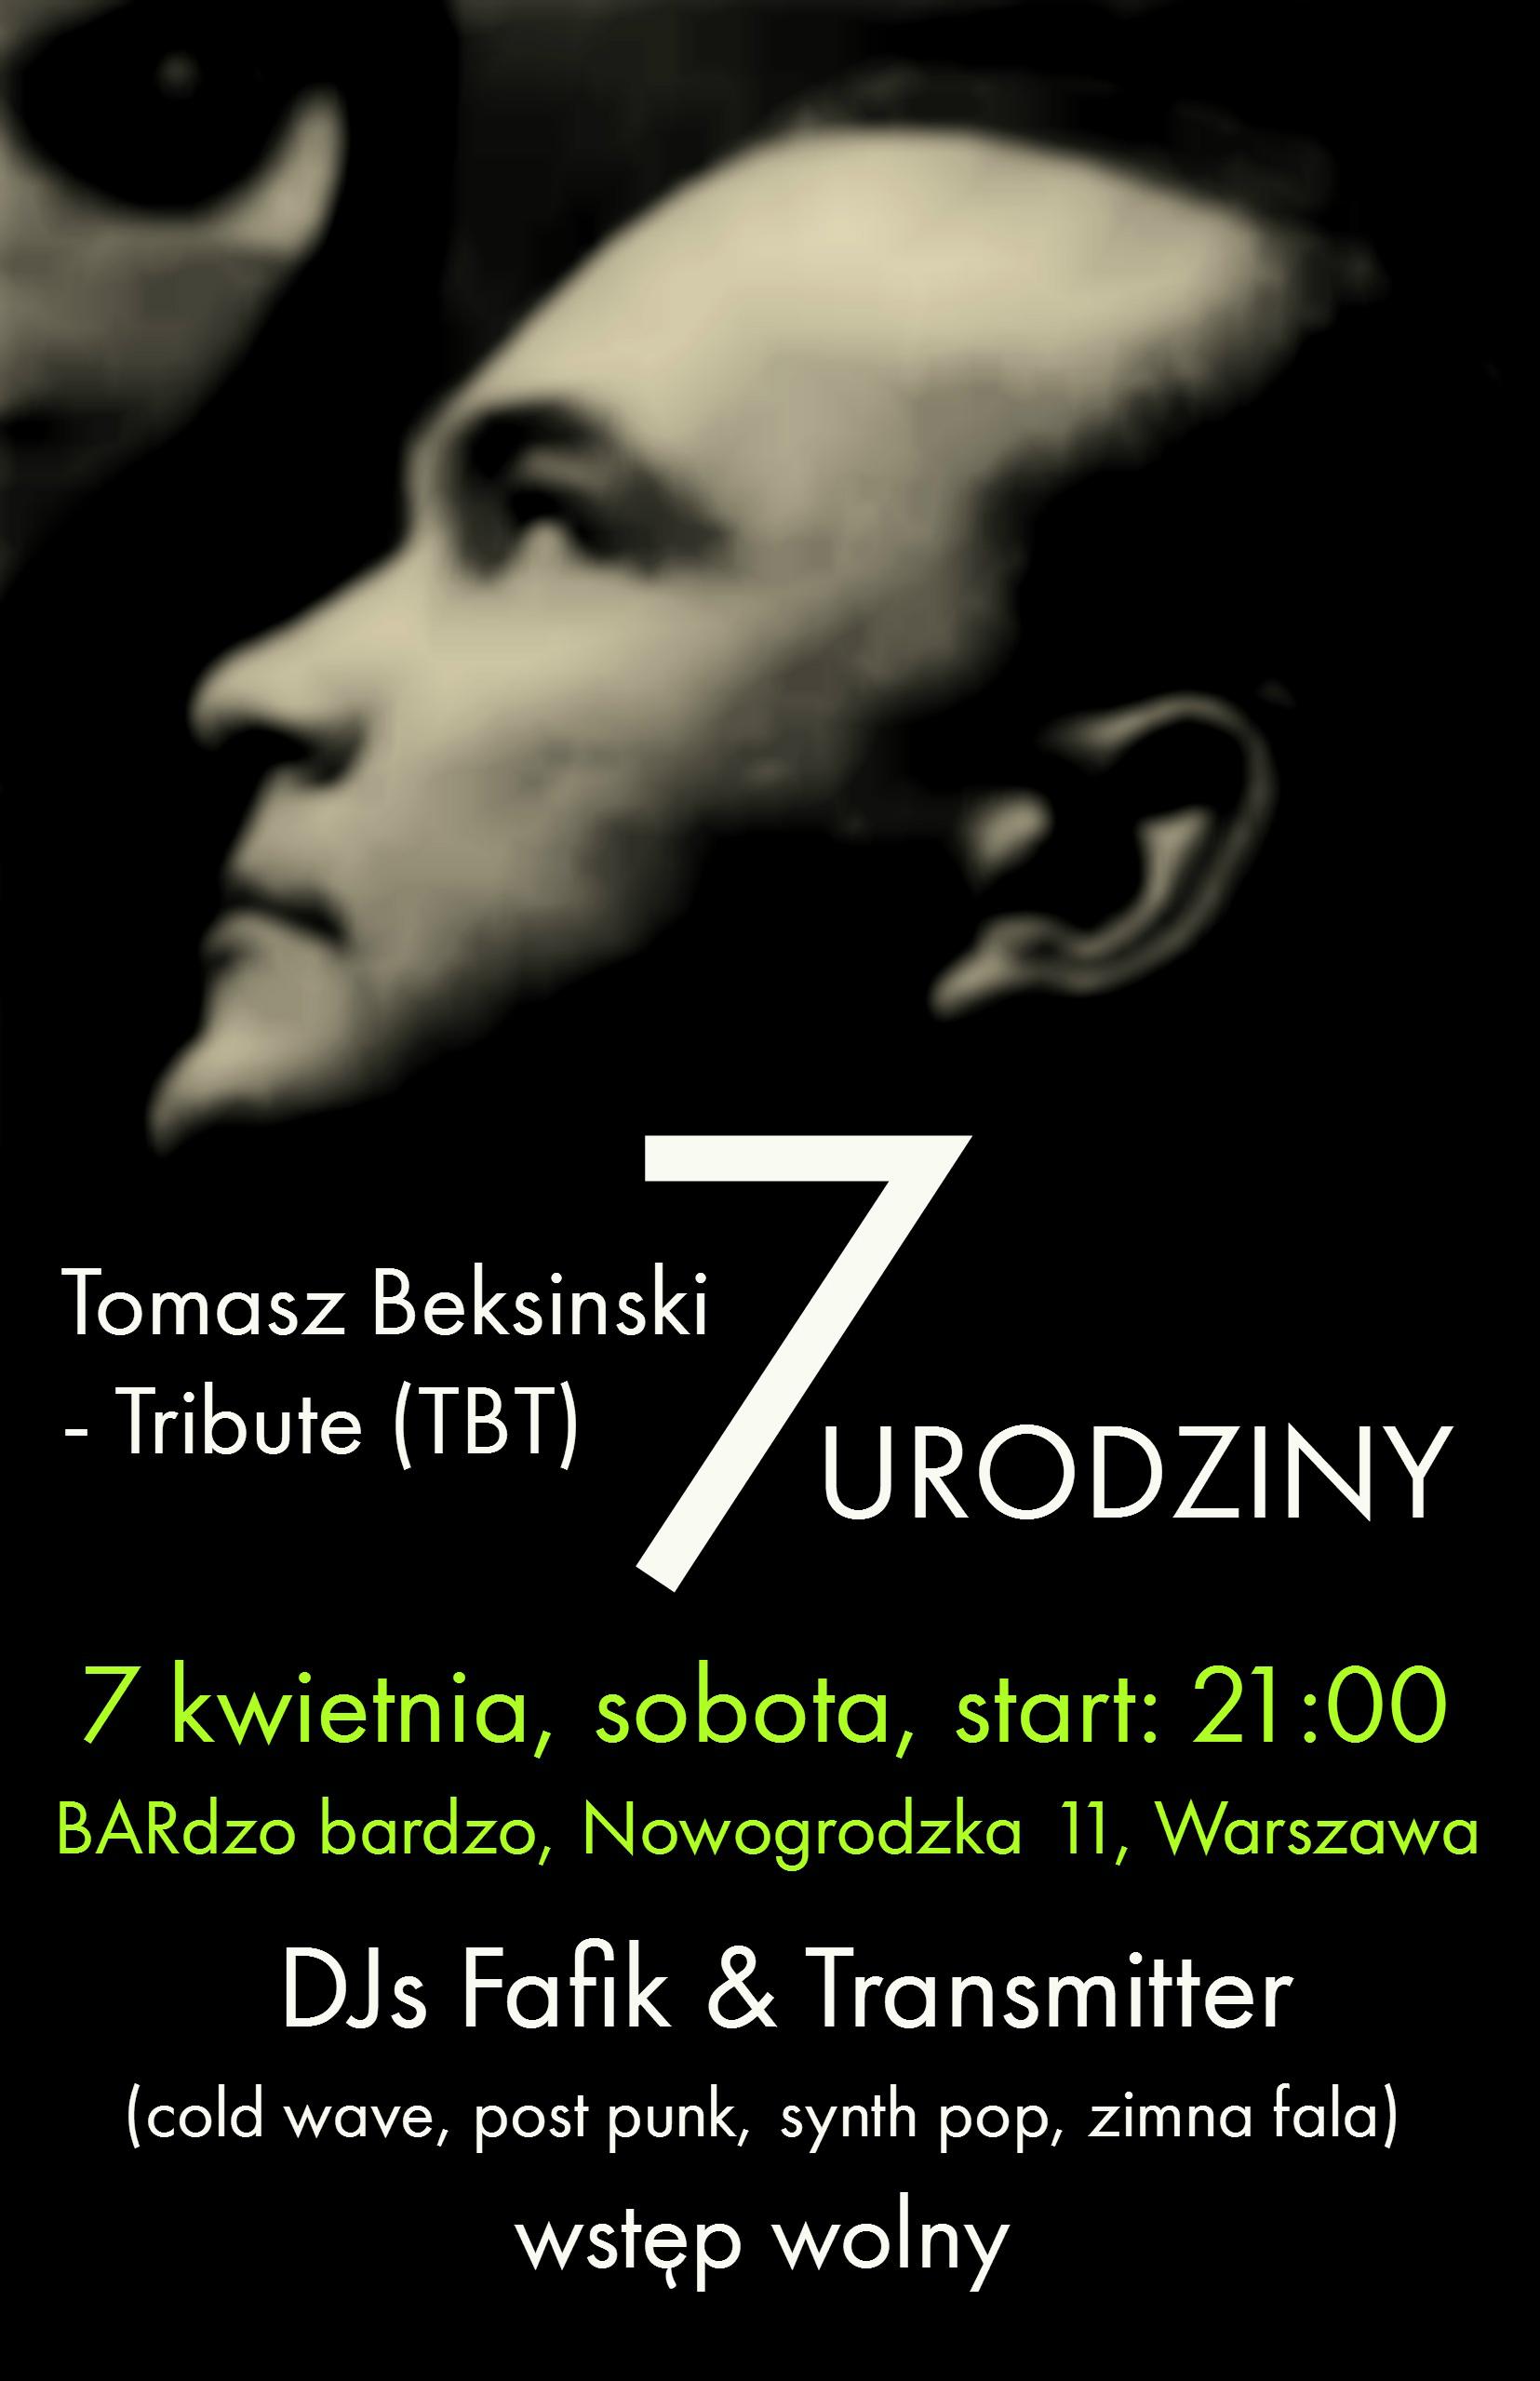 7 Urodziny Tomasz Beksinski - Tribute (TBT) (07.04.2018 - BARdzo Bardzo - Warszawa - Nowogrodzka 11)